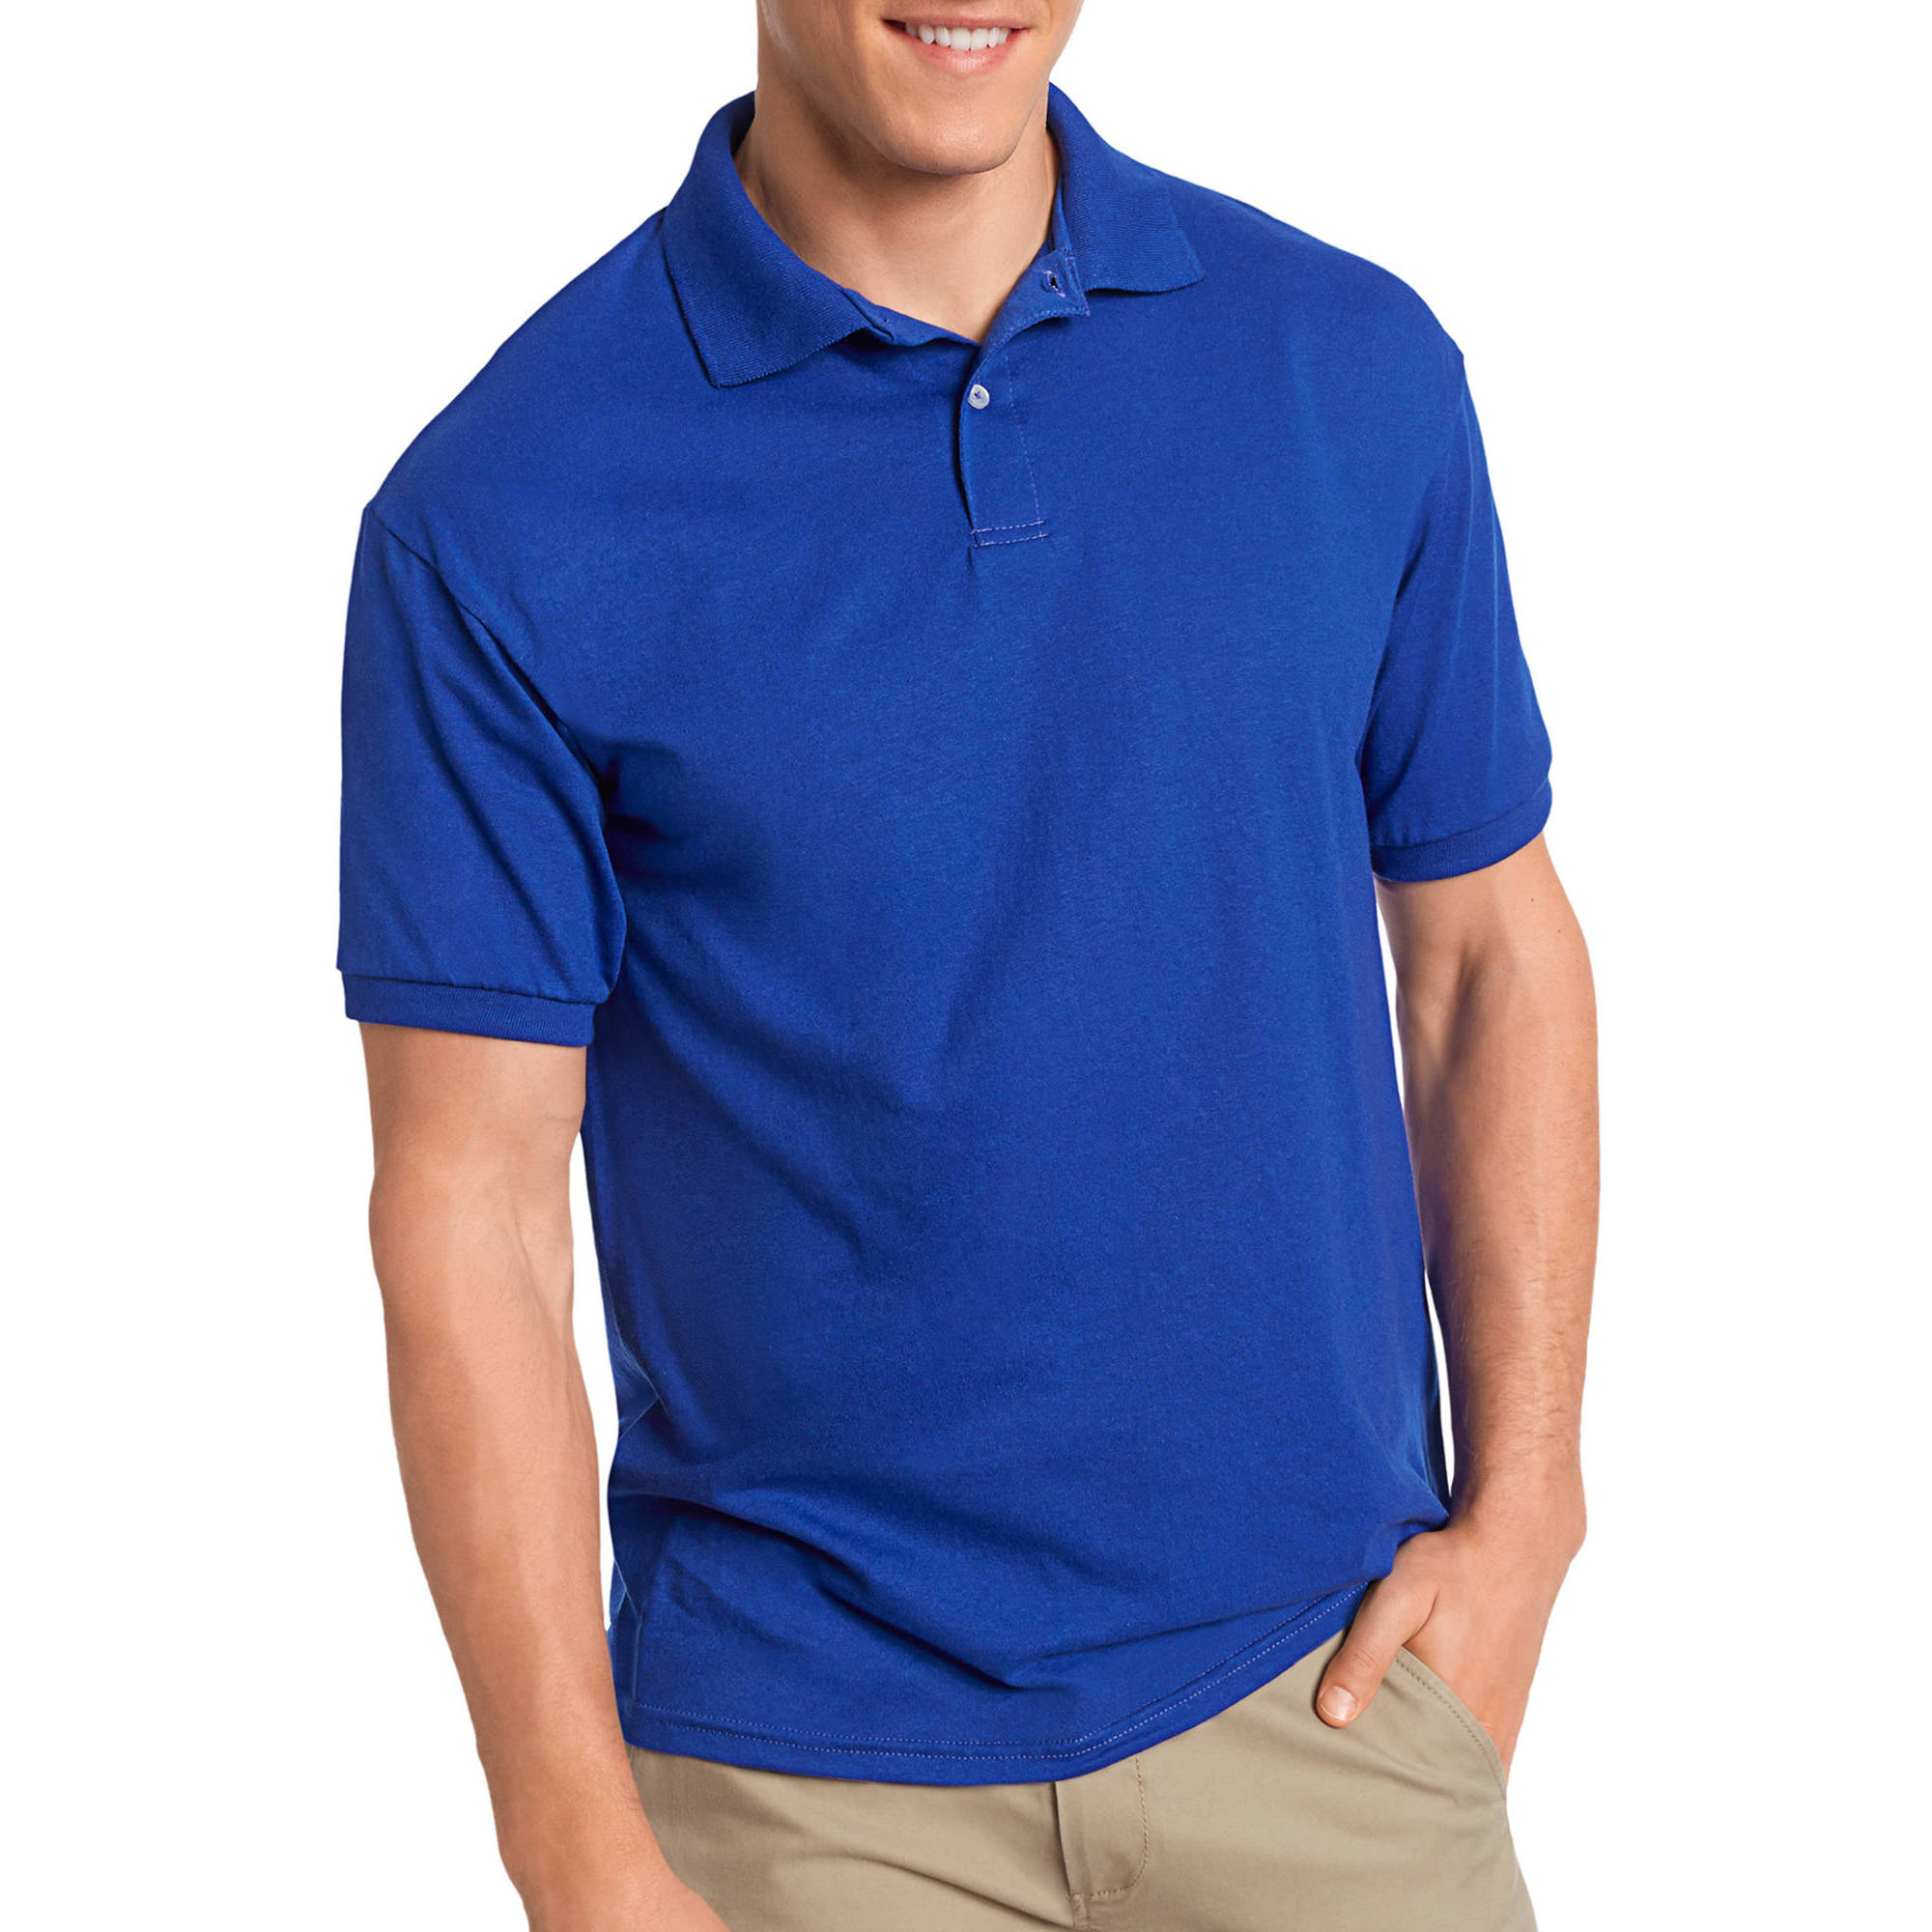 Hanes Men's EcoSmart Short Sleeve Jersey Golf Shirt